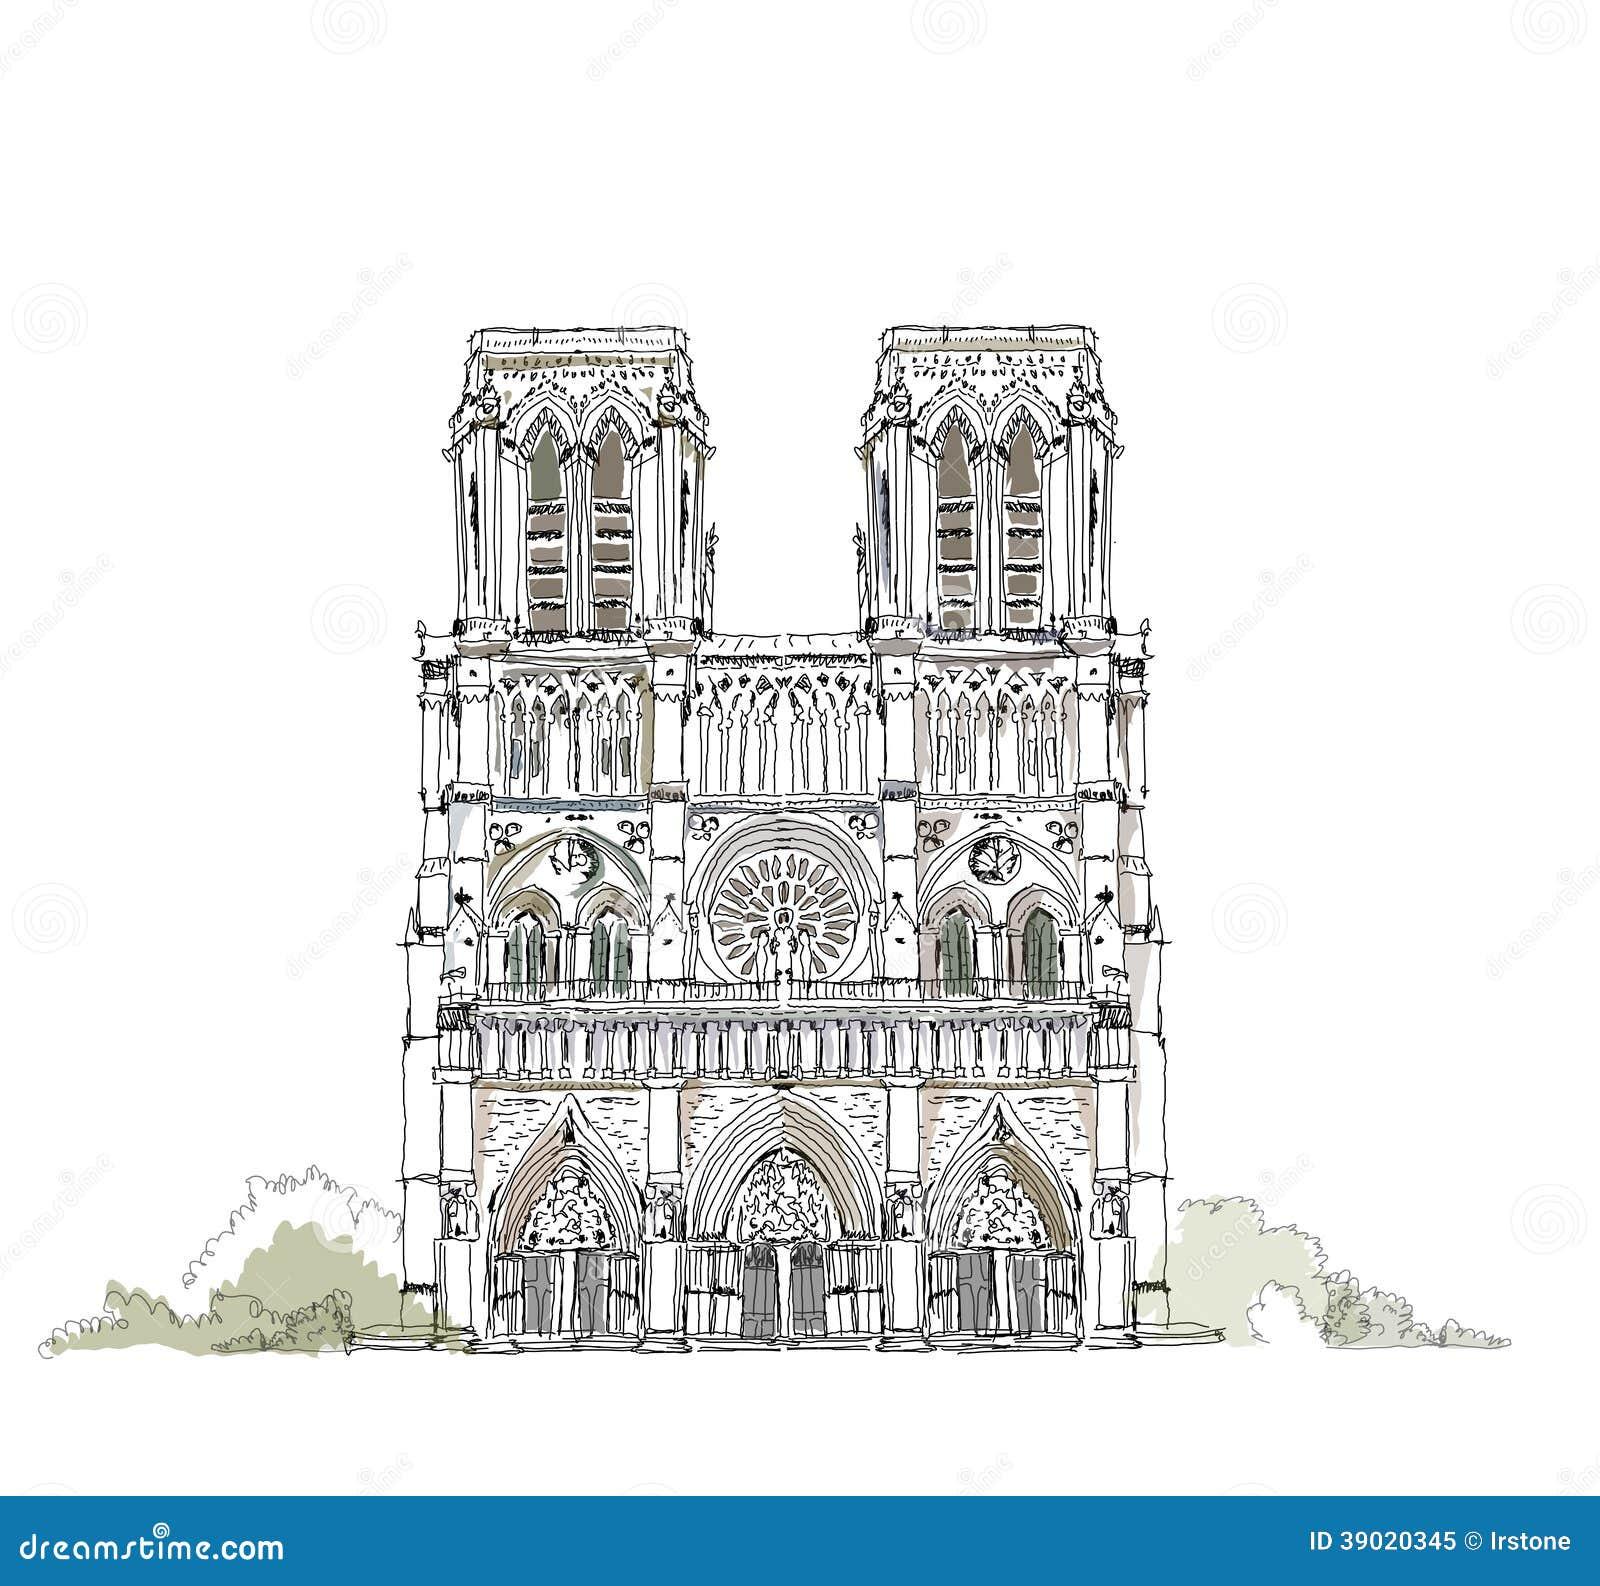 Paris, Notre Dame, sketch collection